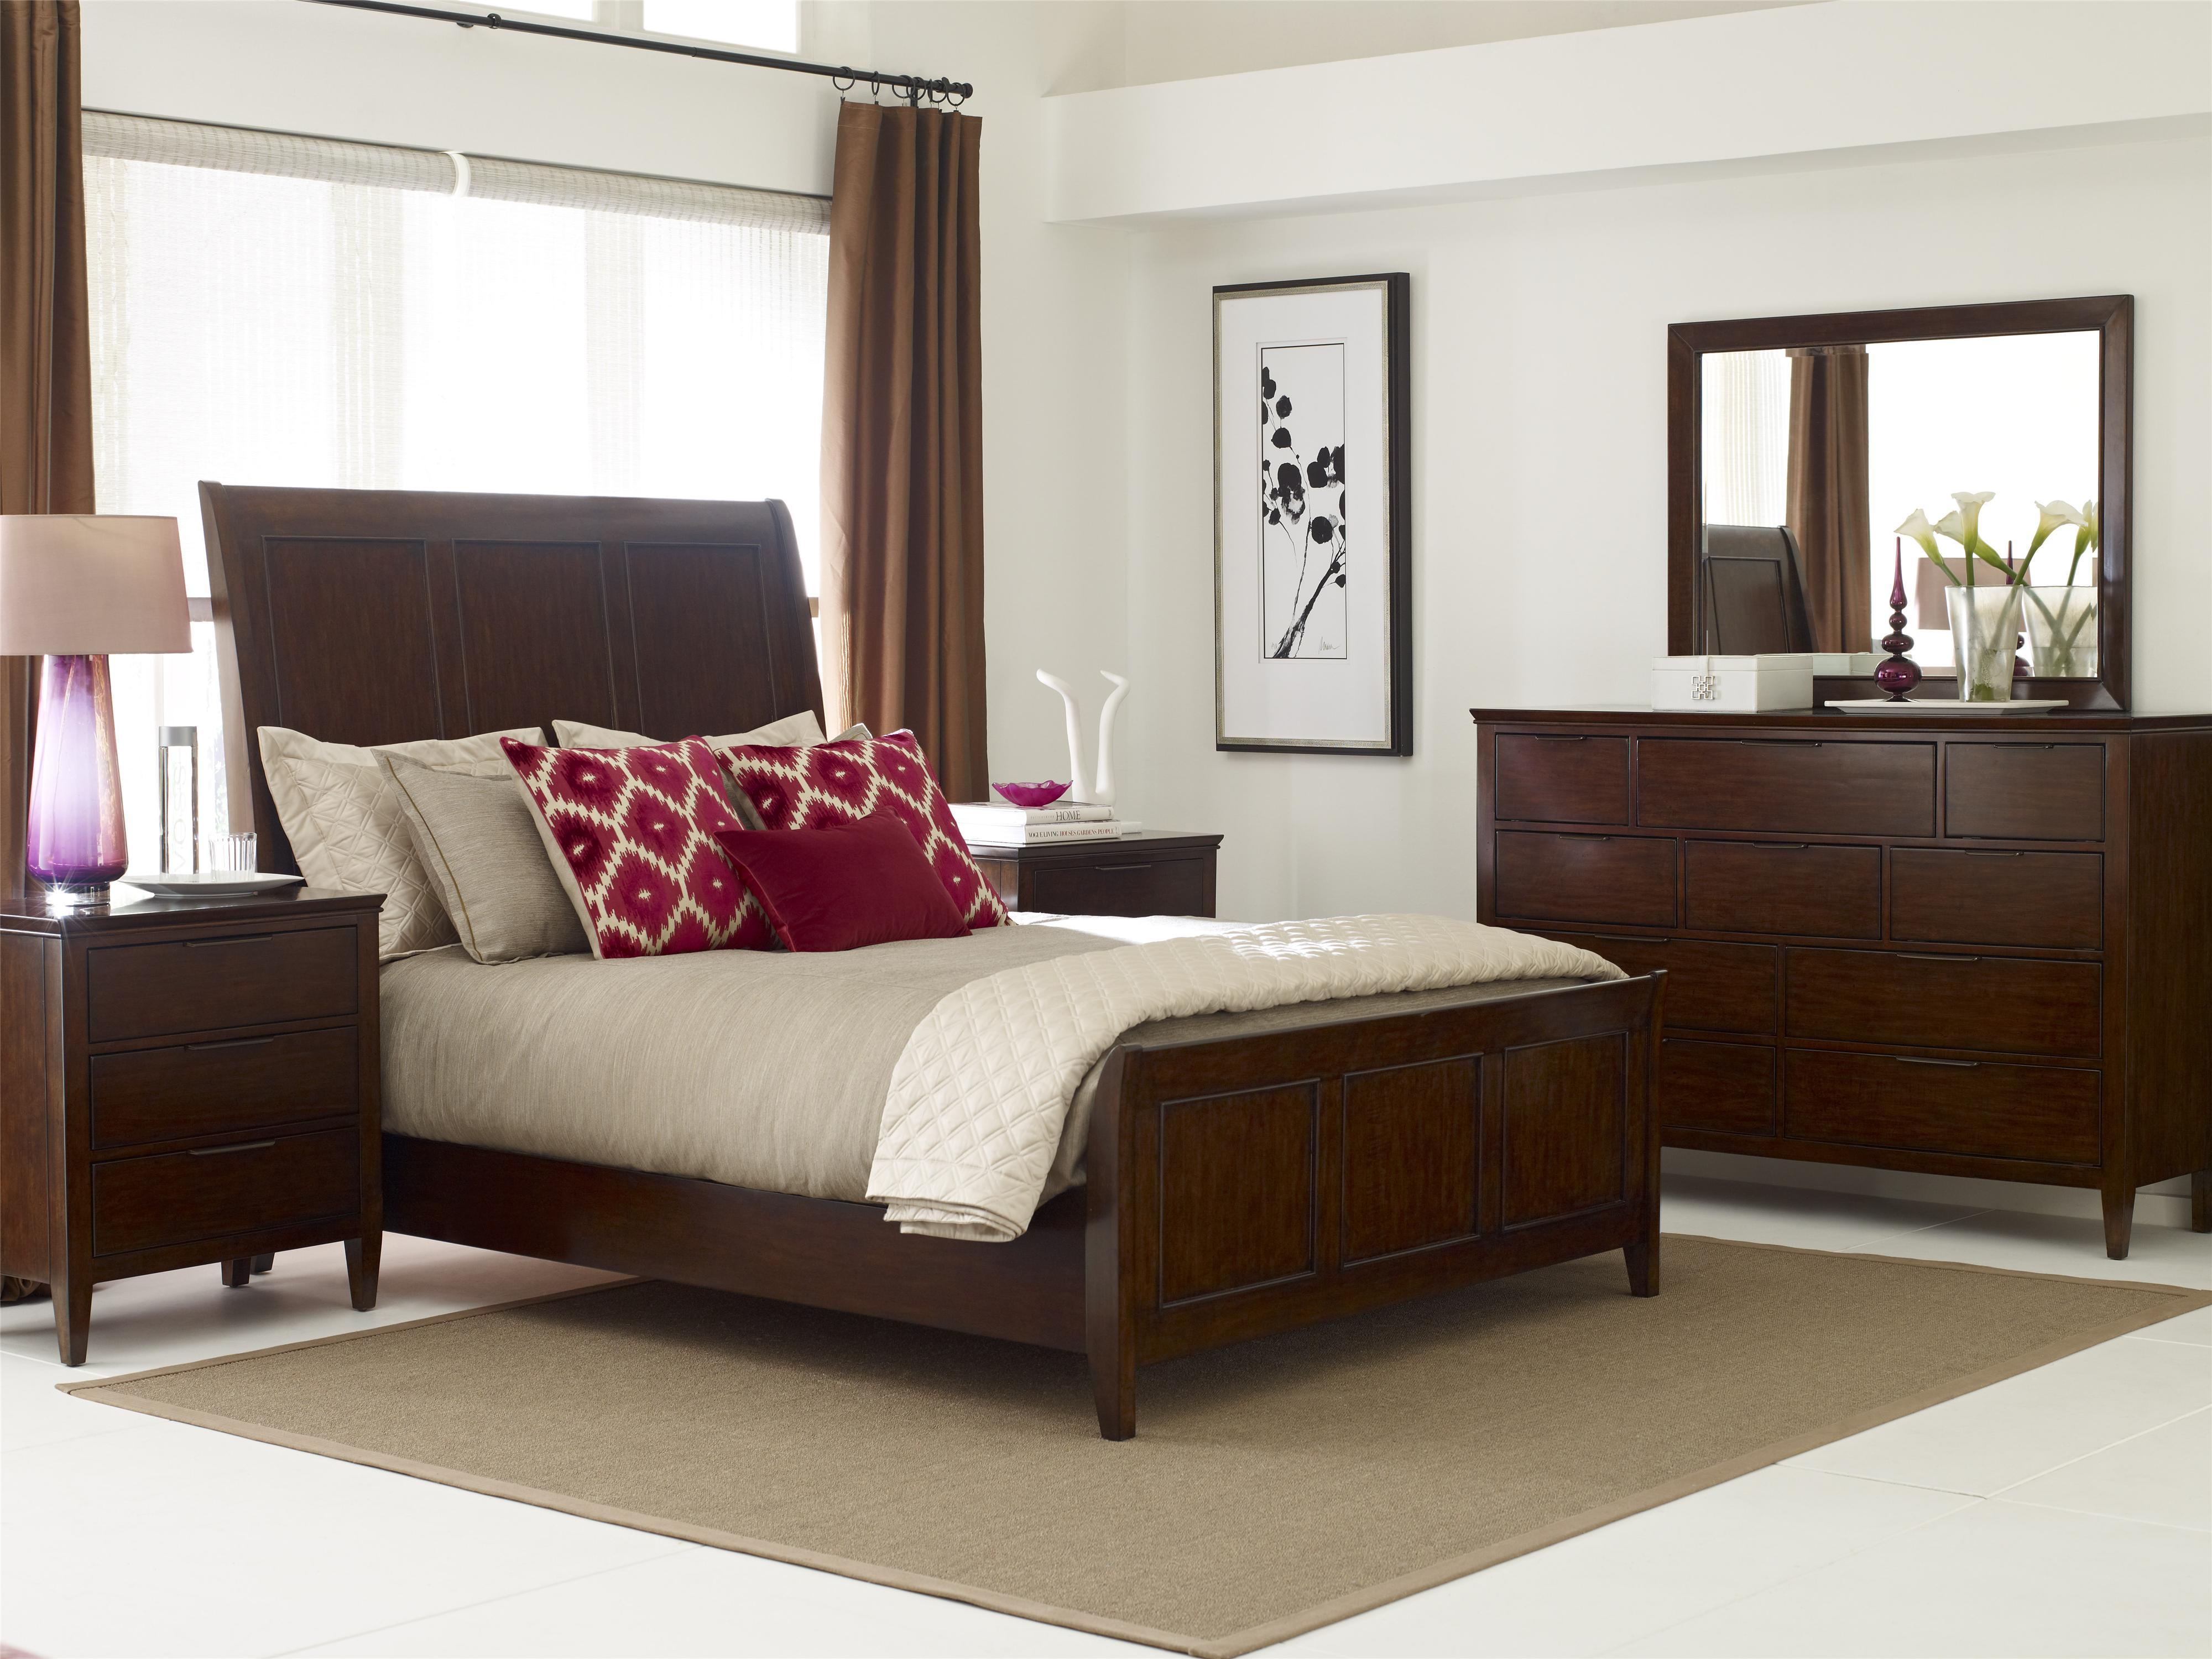 Kincaid furniture elise transitional luccia bureau and - Kincaid bedroom furniture for sale ...